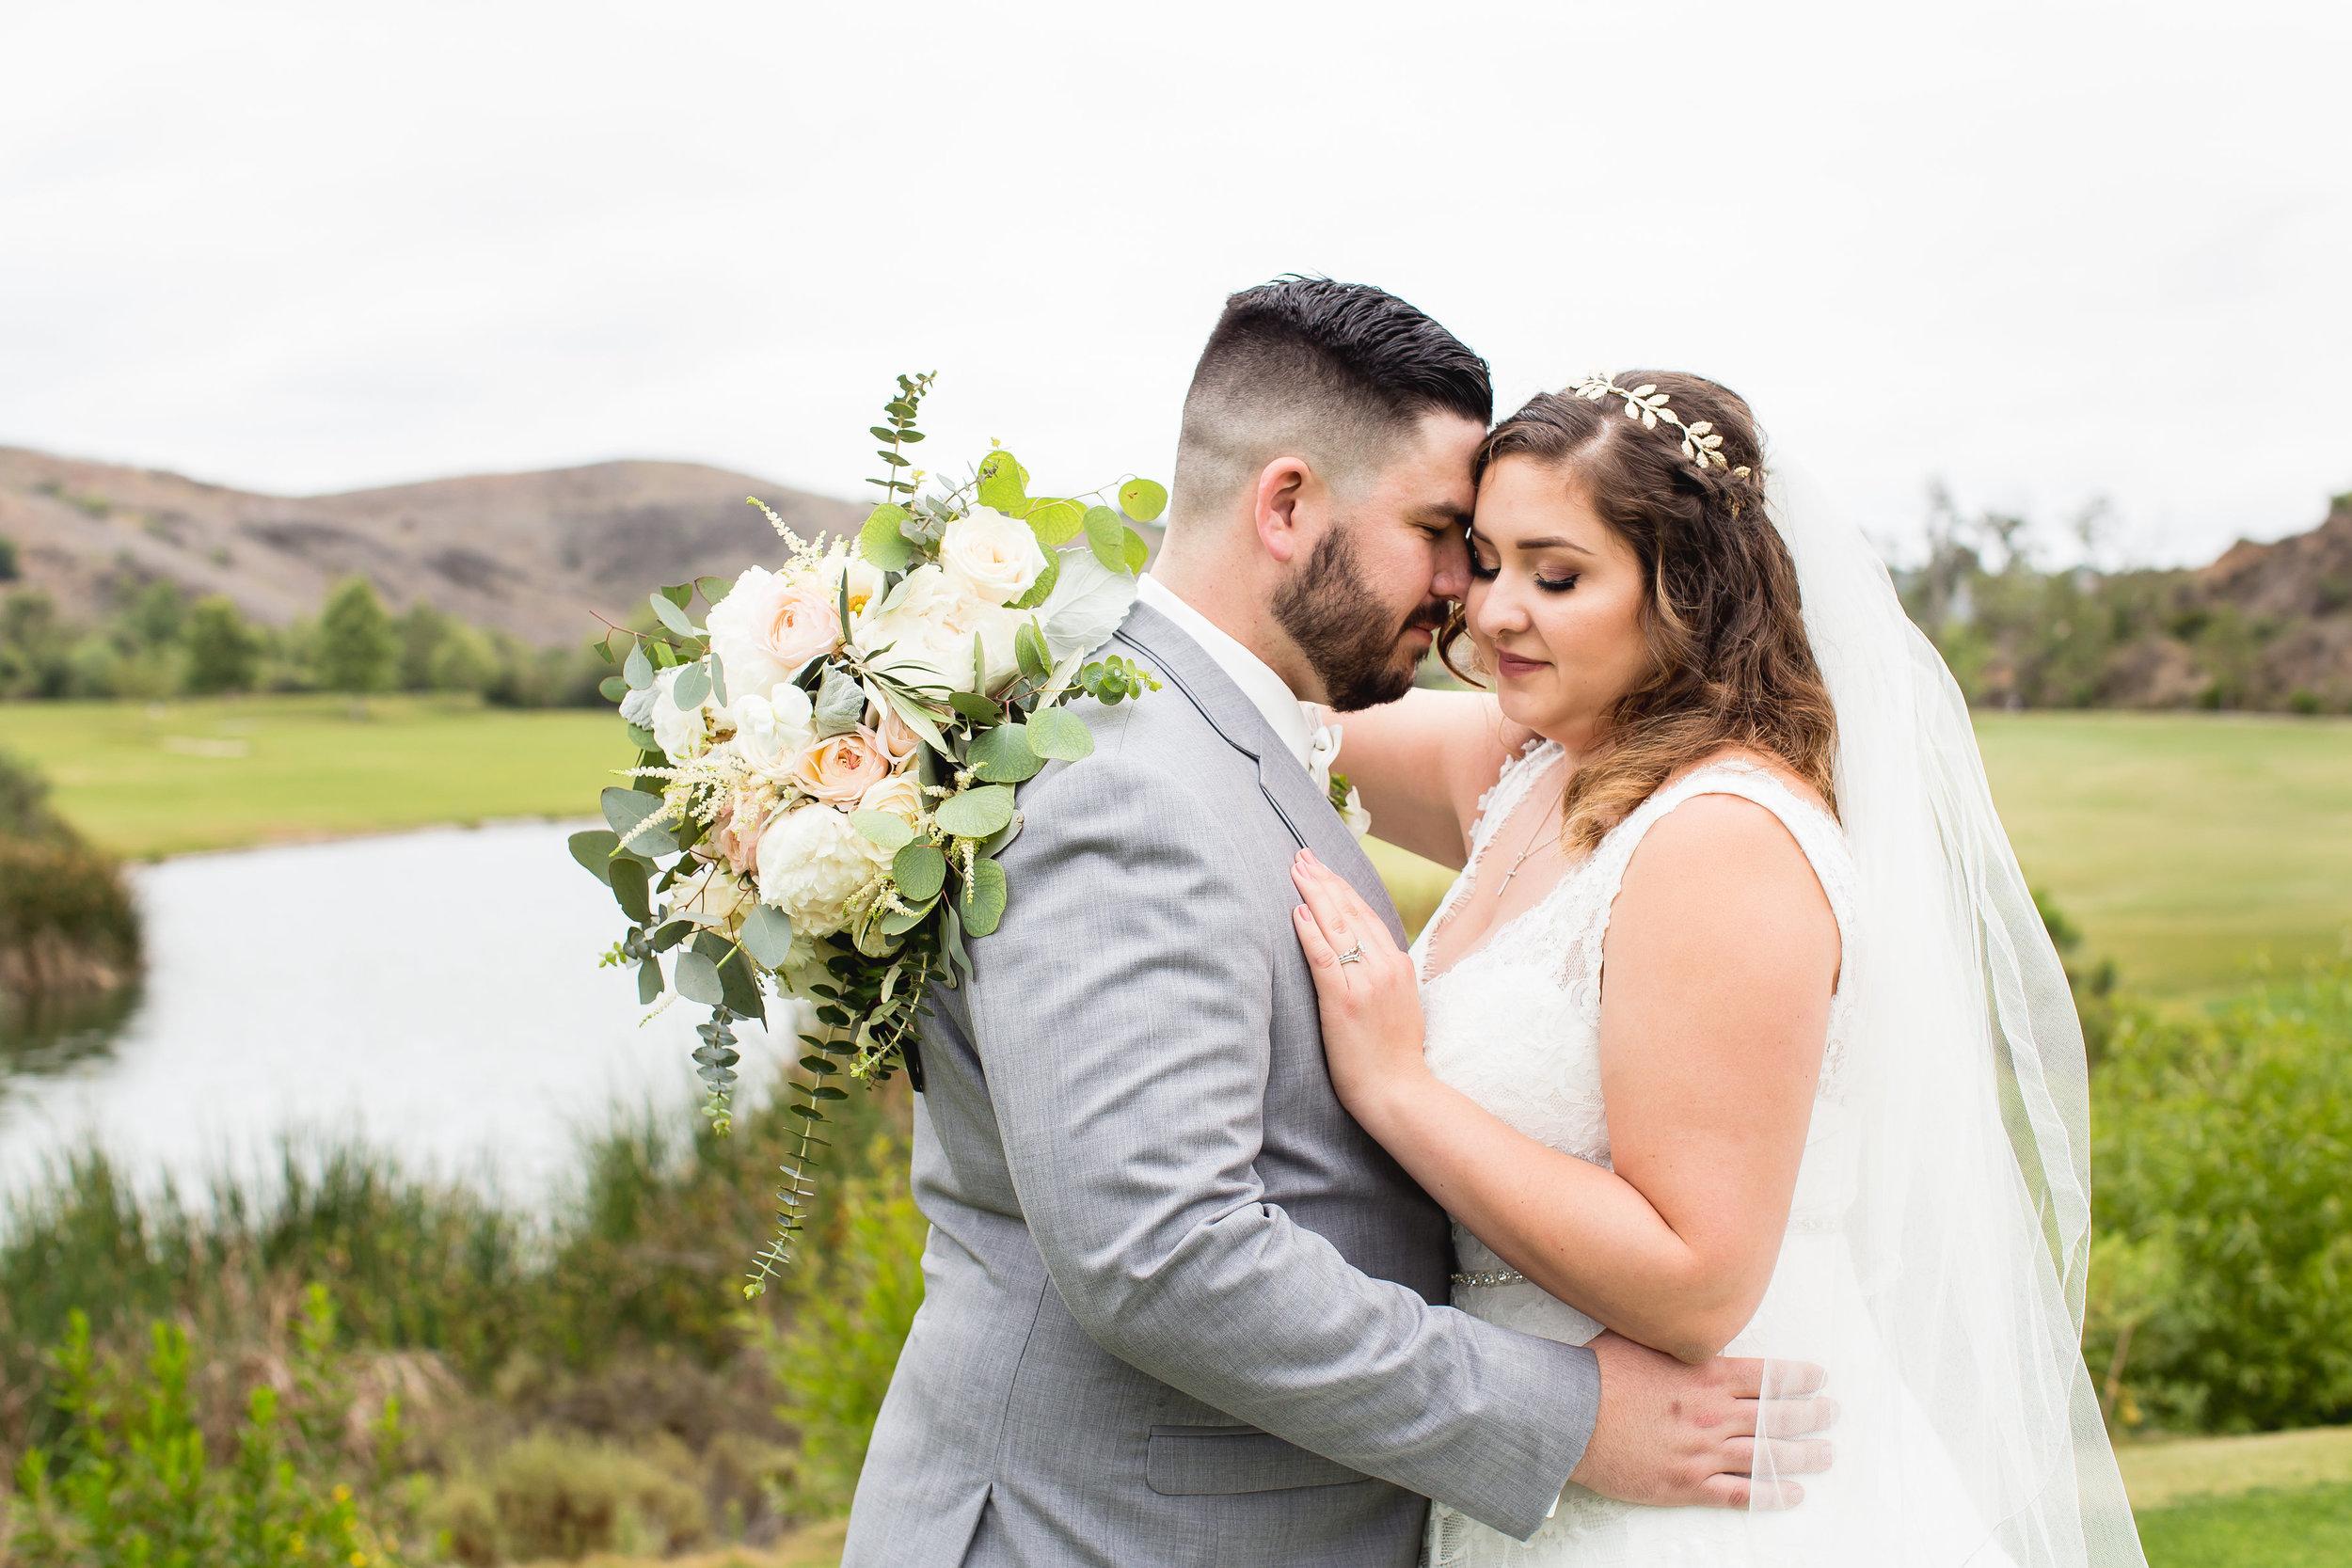 wedding-mike&ashley-5-20-18(74of85).jpg